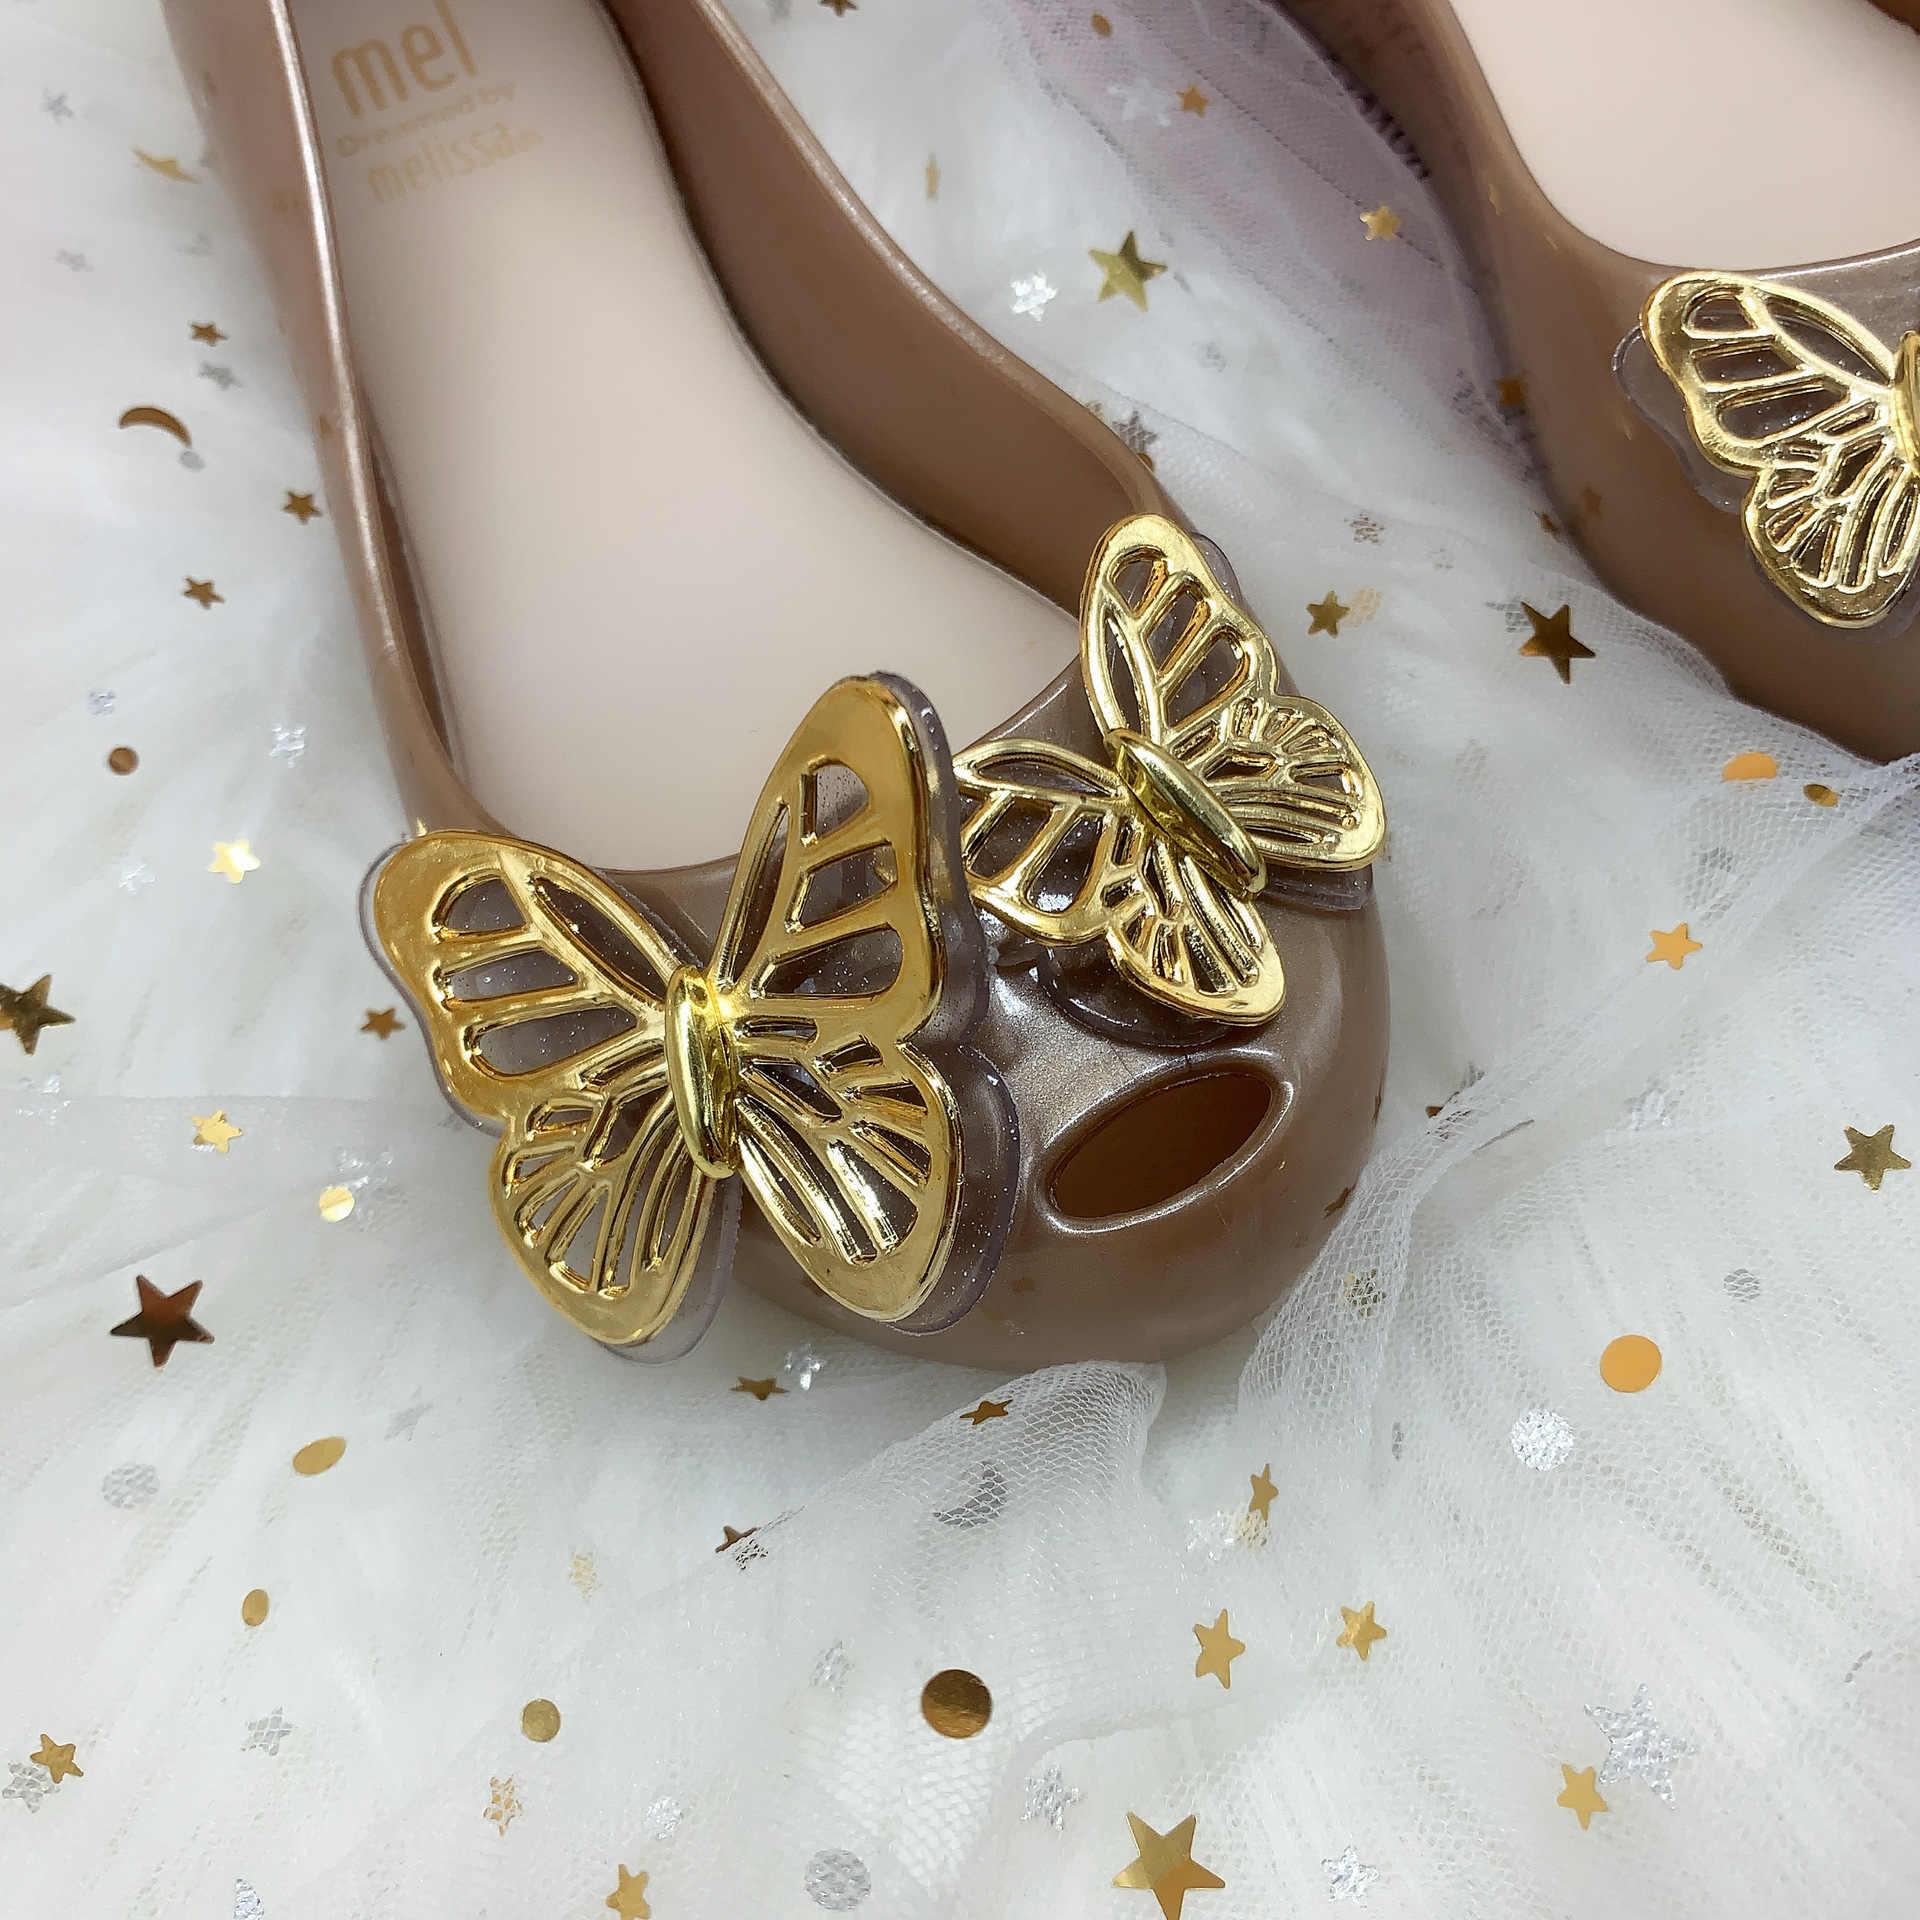 Mini Melissa 2020 Trẻ Em Mới Jelly Giày Thời Trang Trẻ Em Công Chúa Bướm Kẹo Giày Bé Gái Lớn Giày Đi Biển Mềm Giày Sandal HMI024